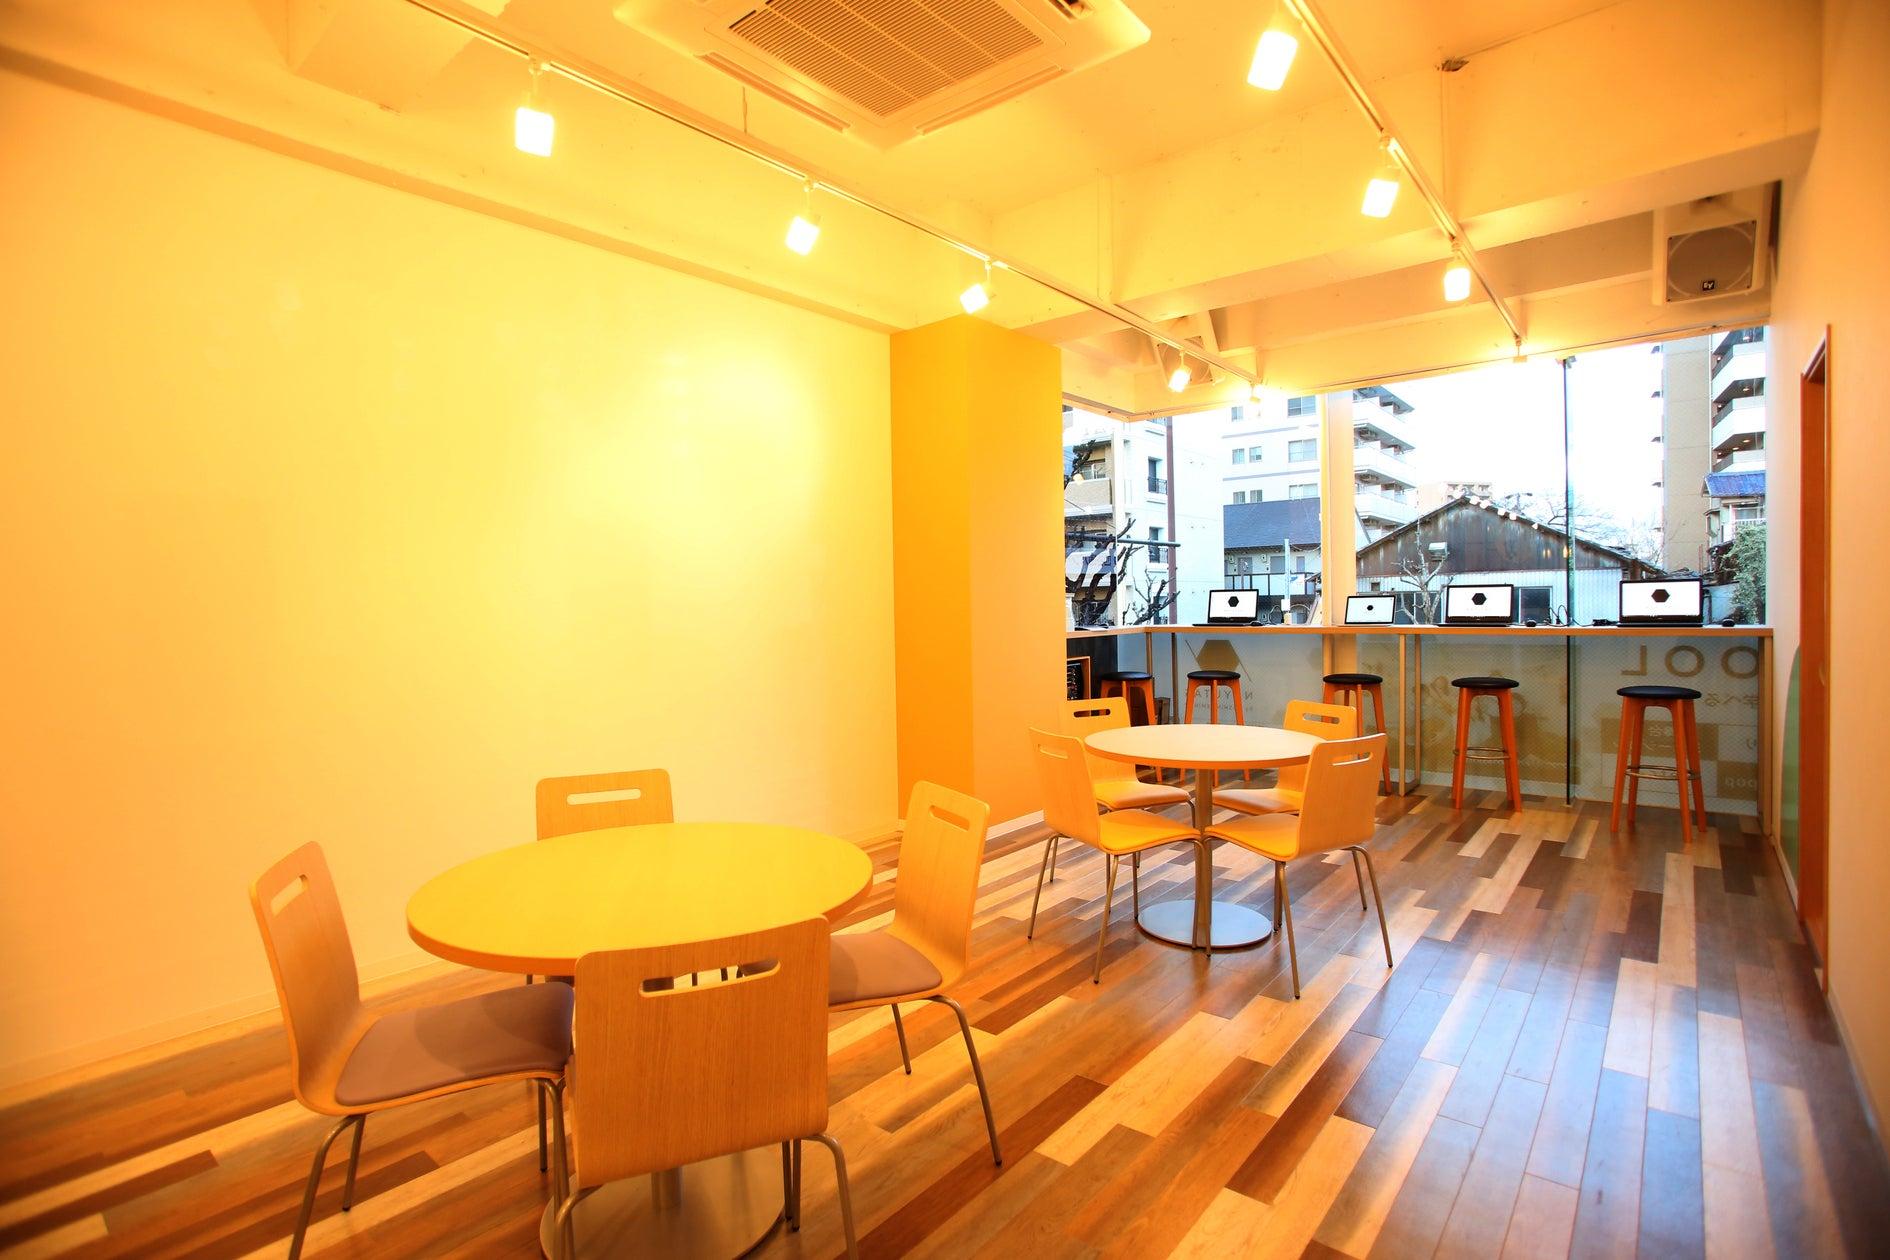 本山駅徒歩1分!貸し会議室やスタジオ、イベント利用など幅広く利用できます!(NAYUTAS by 東進ゼミナール本山校) の写真0